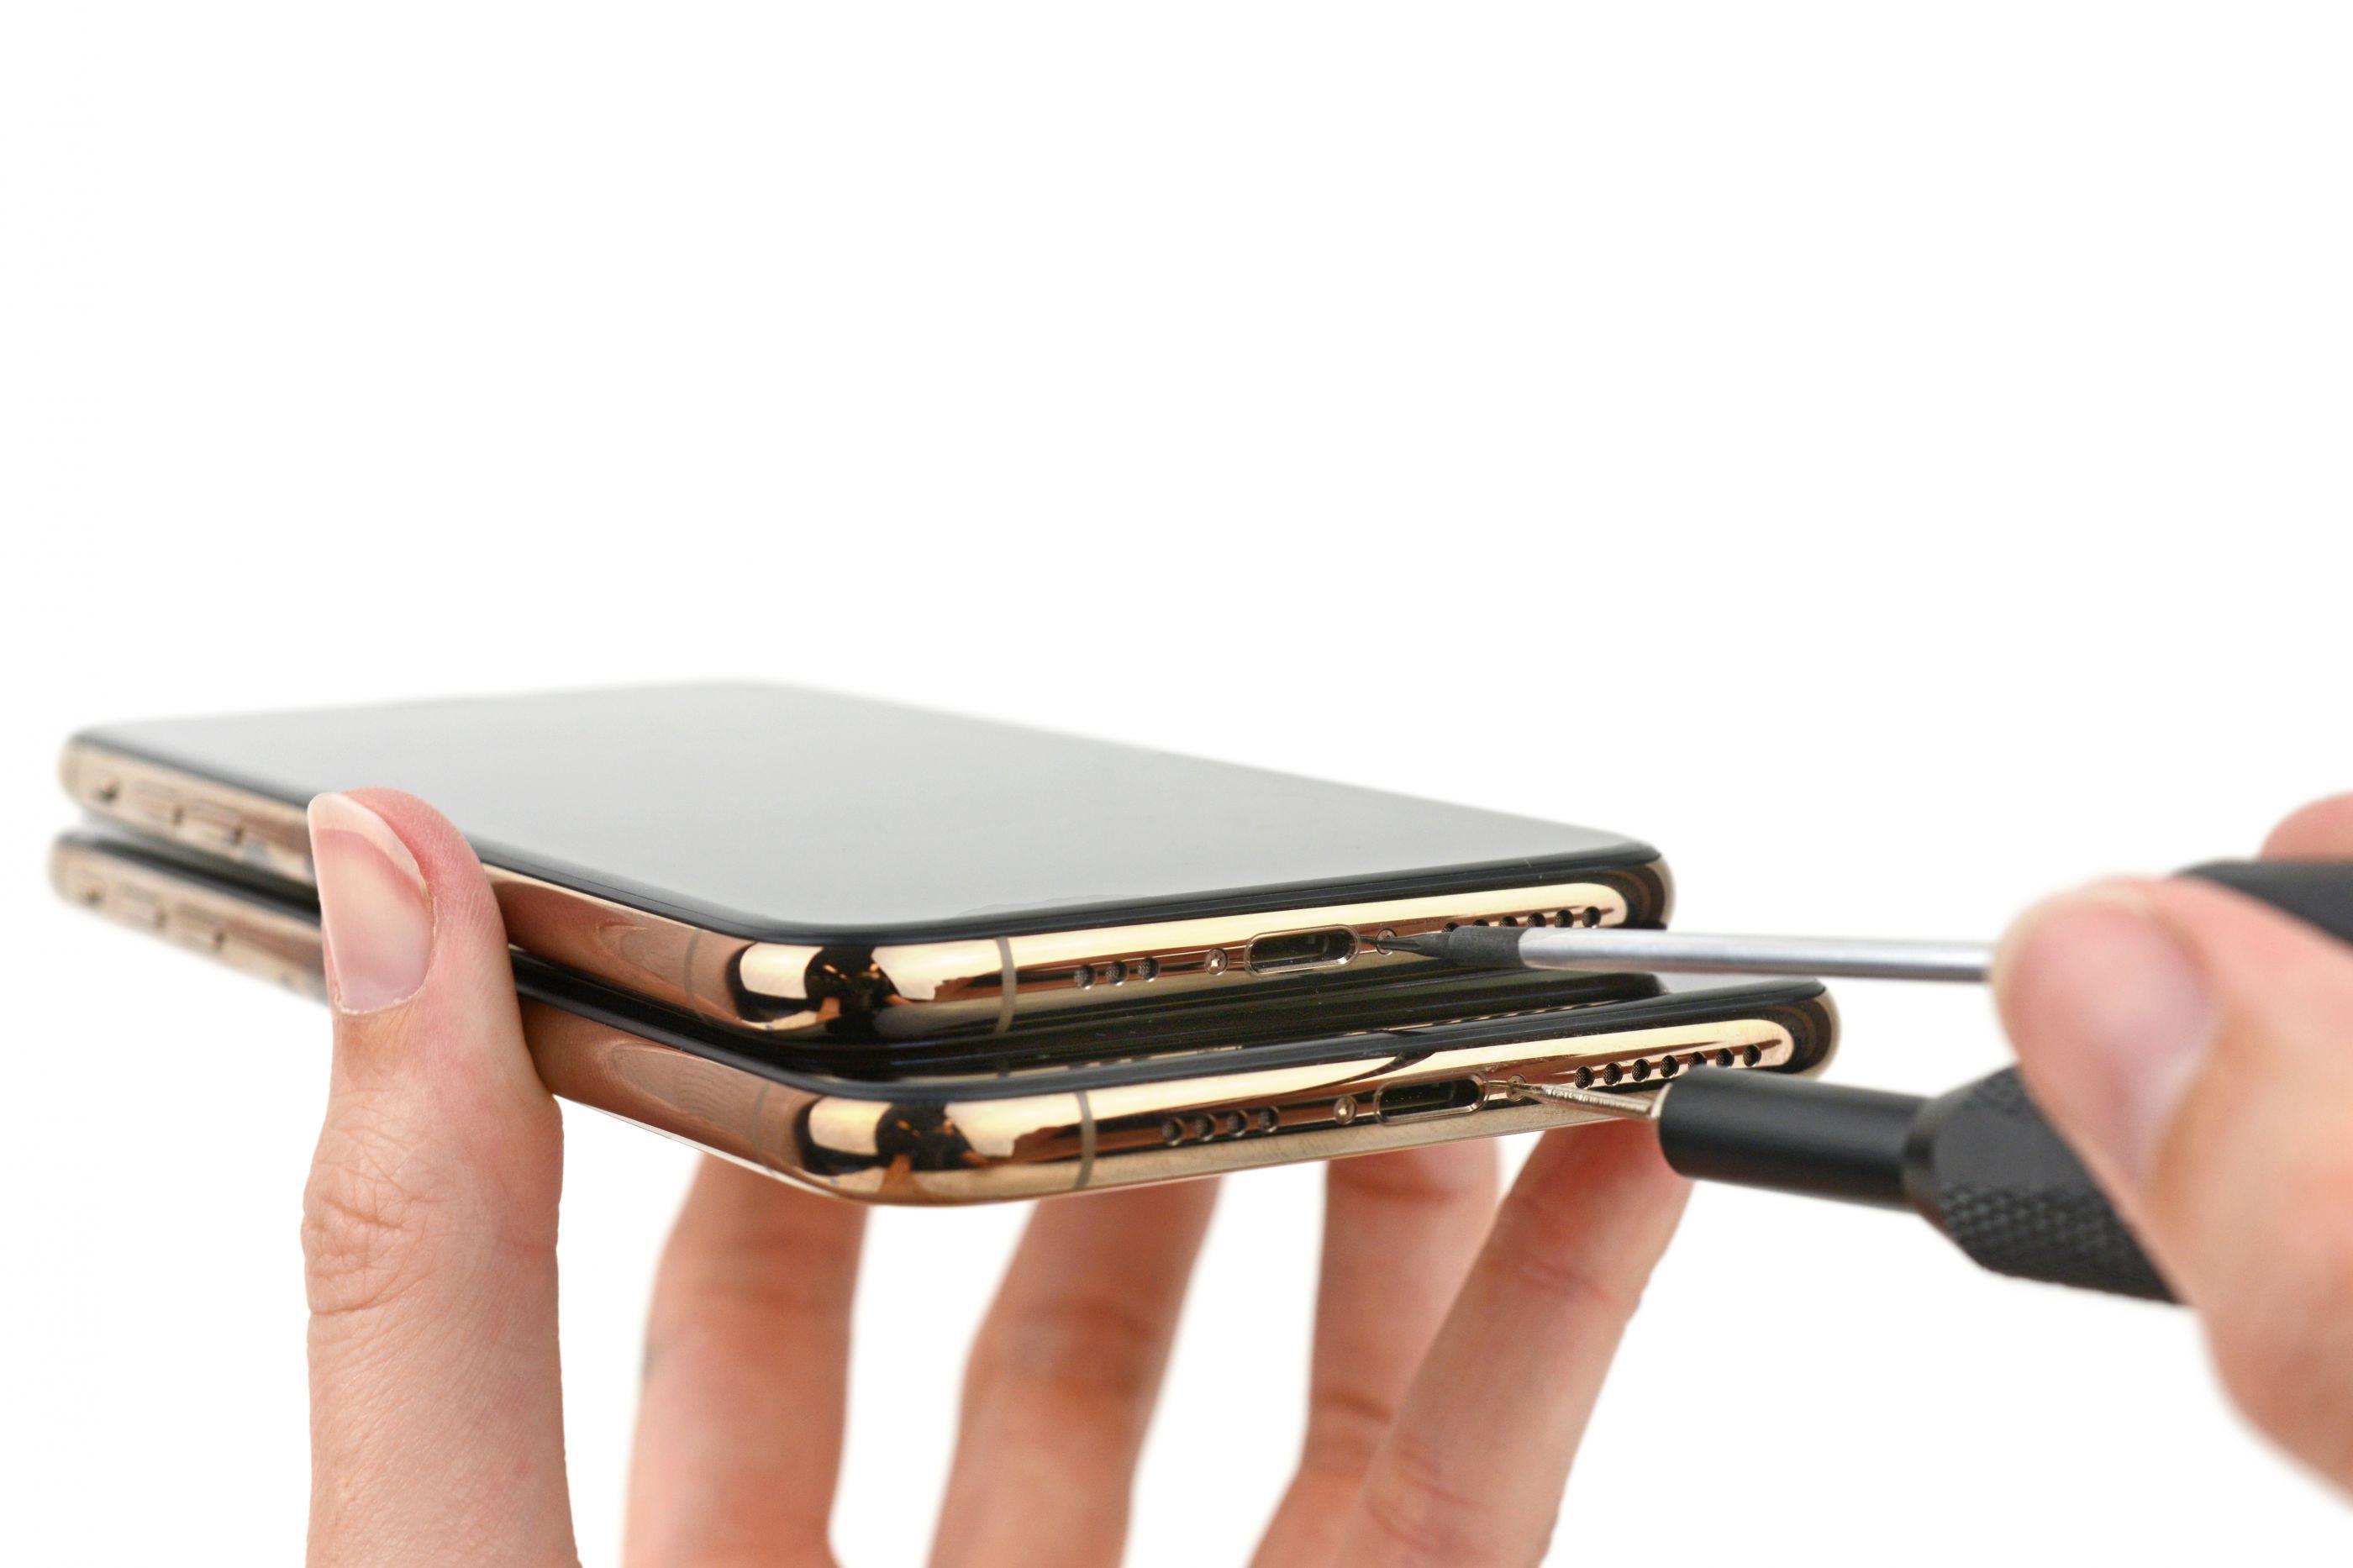 Especialistas revelam o interior e os segredos do iPhone XS e XS Max